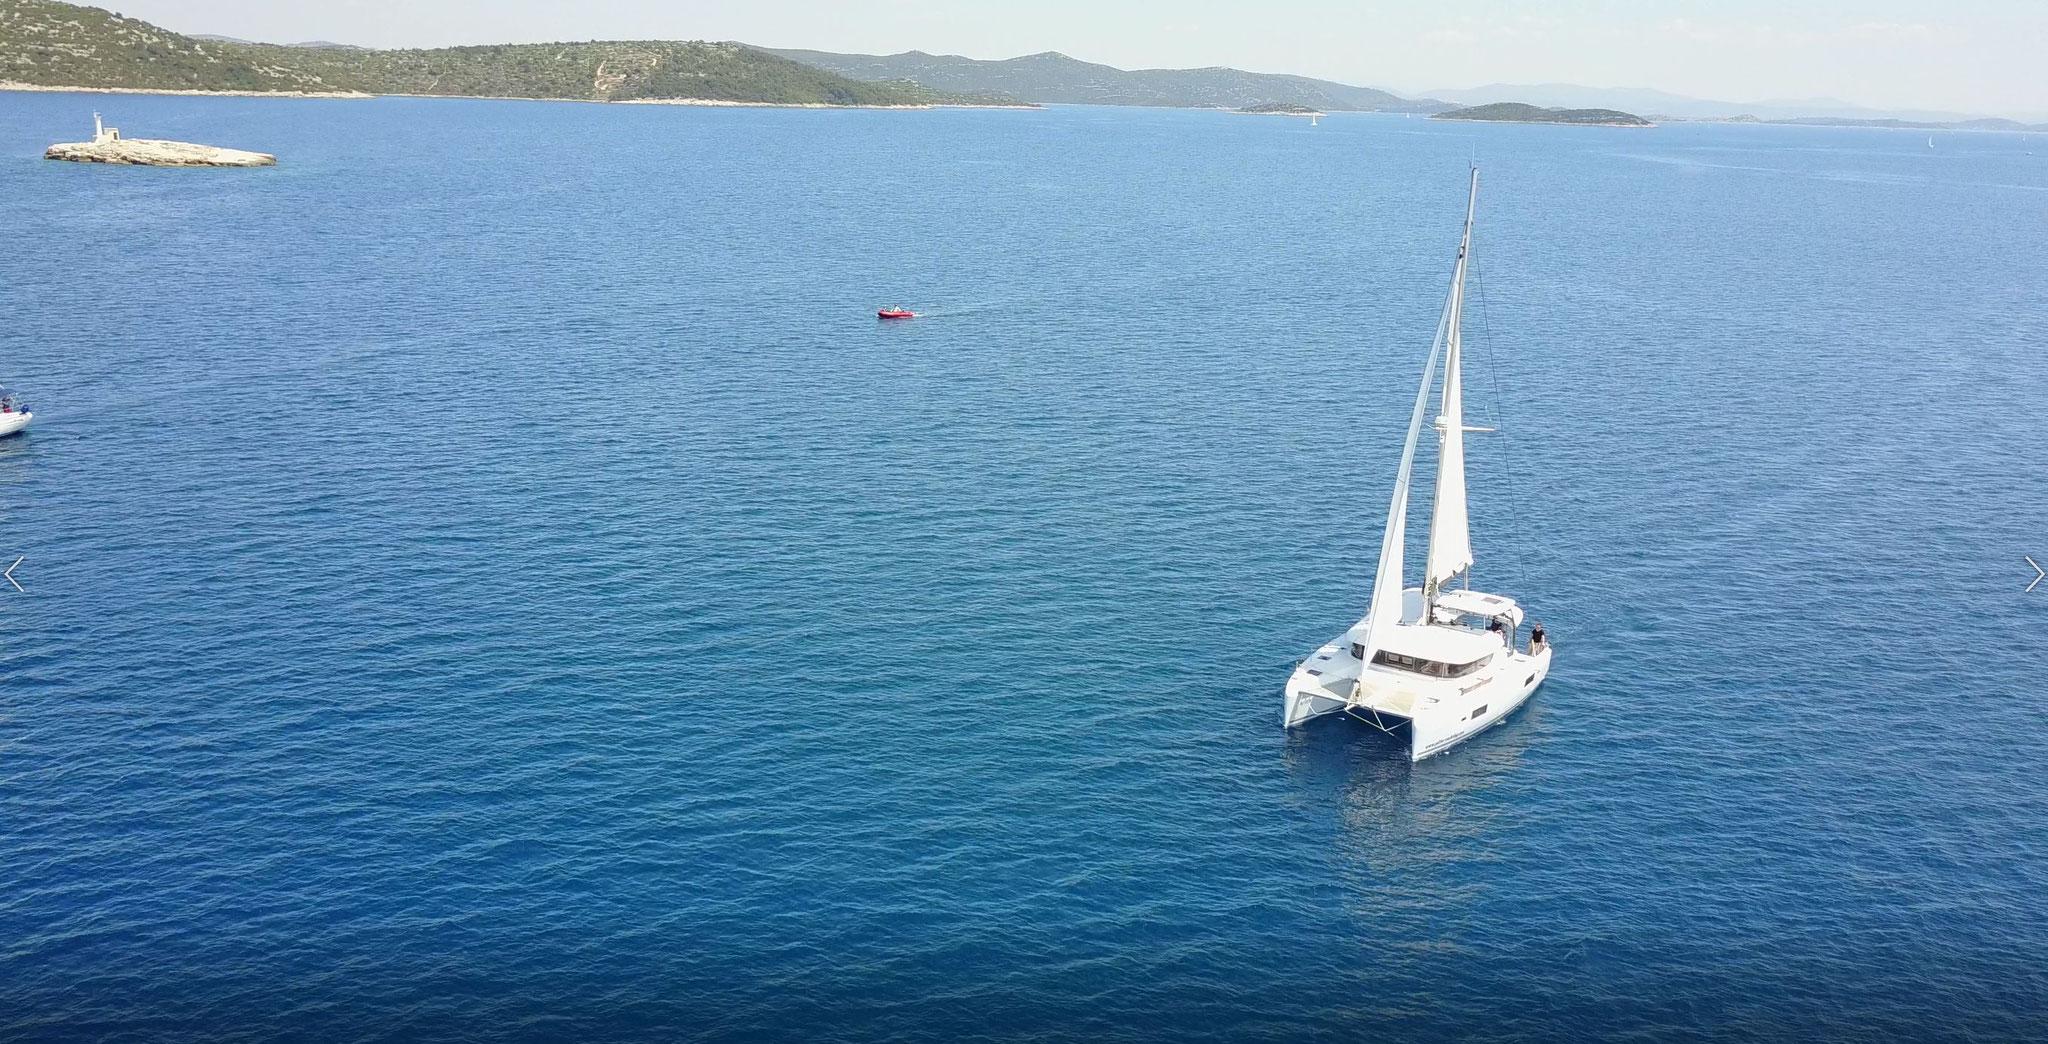 Katamaran segeln als Hochseesegeln im Herbst durch Mittelmeer und über den Atlantik - www.katamaramtraum.com